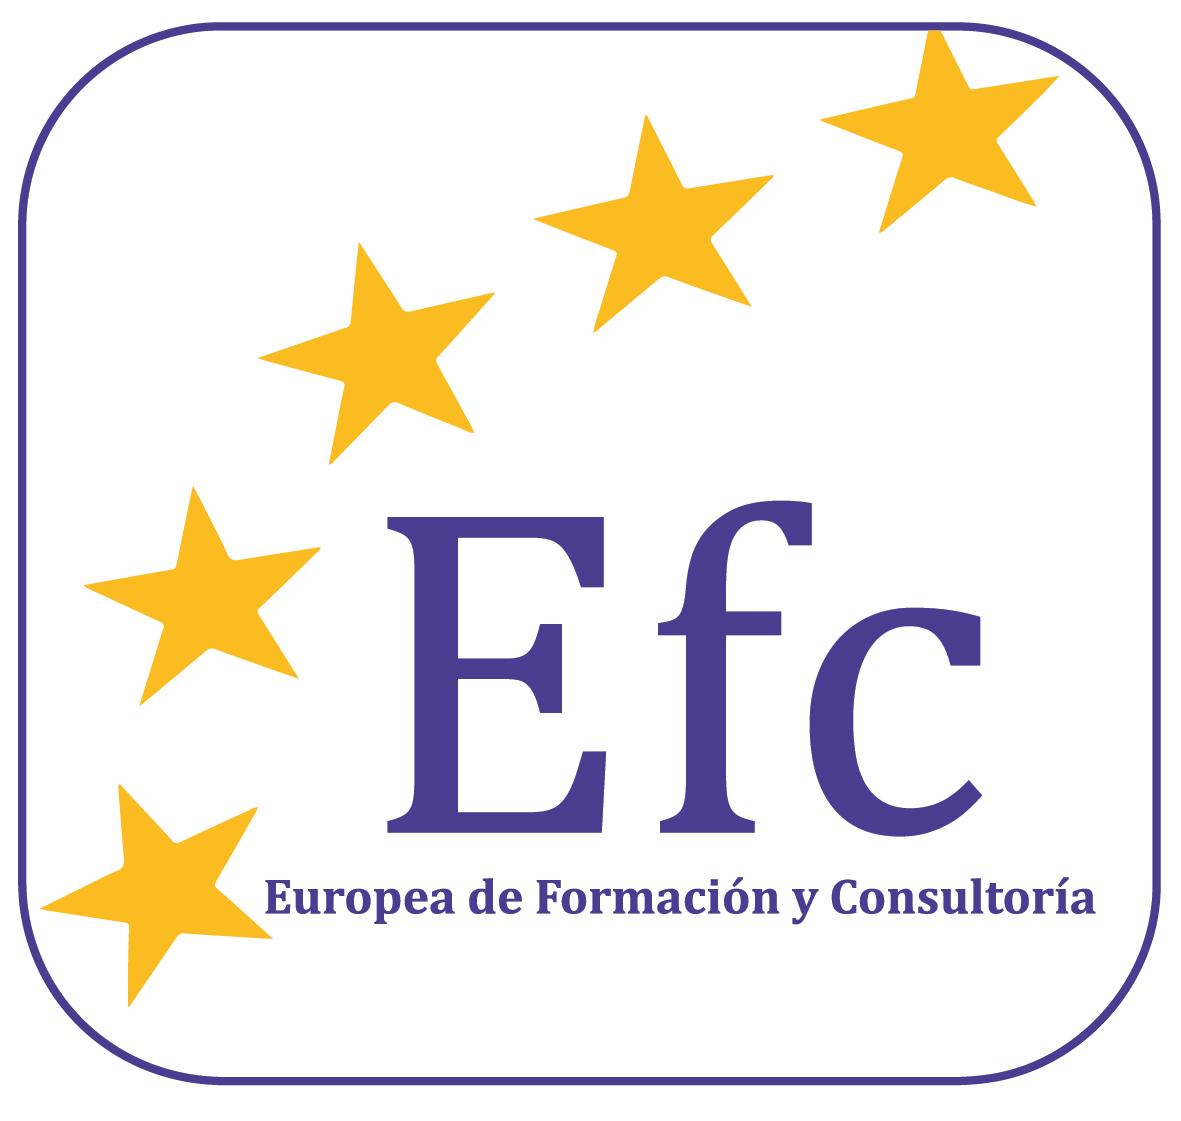 Europea de Formacion y Consultoria